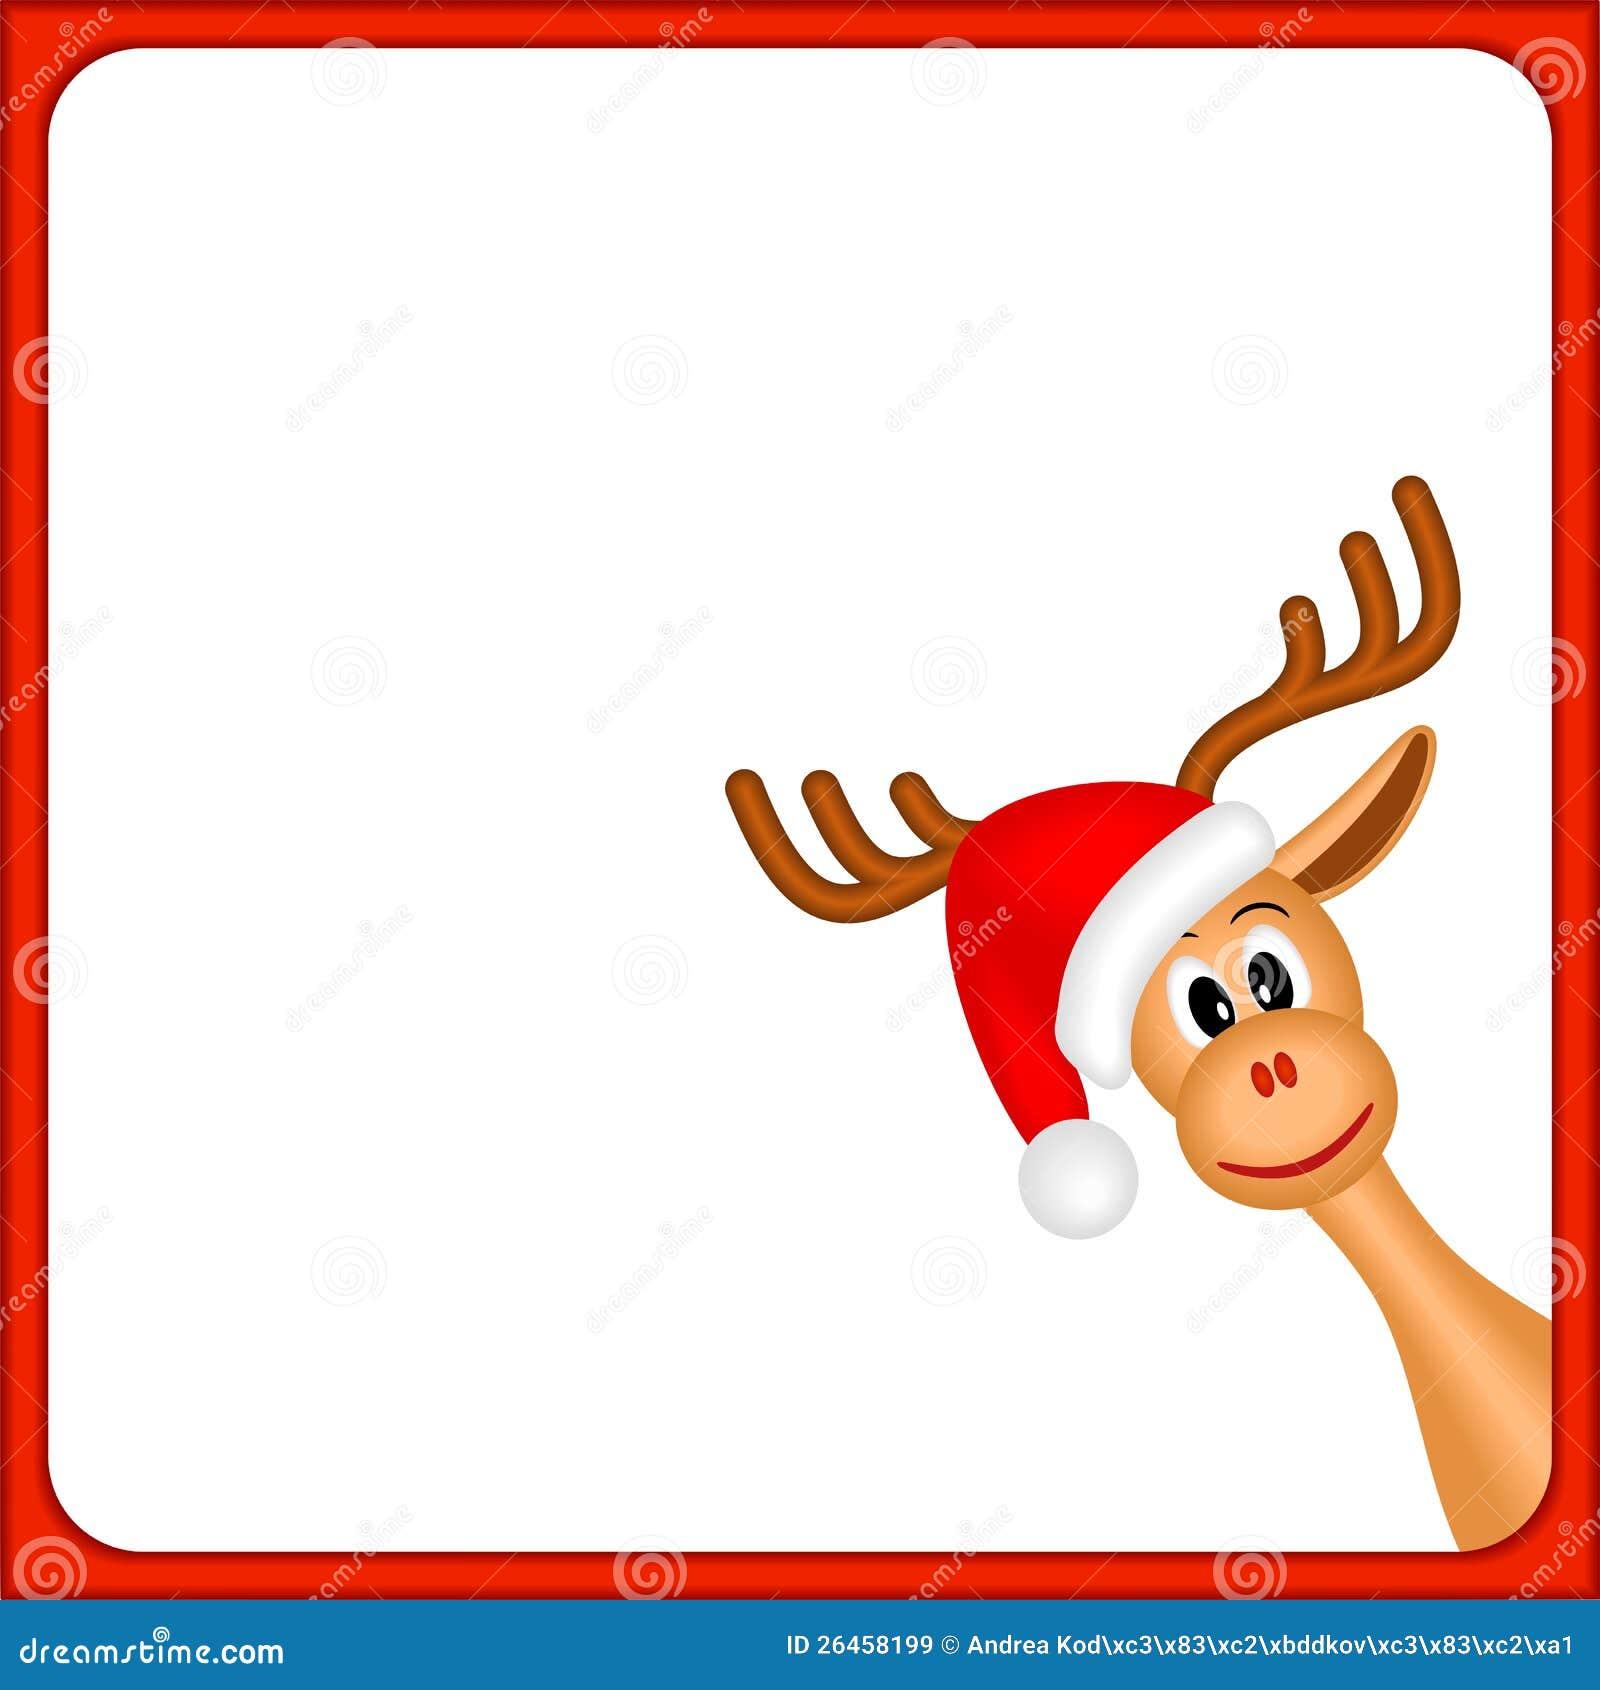 Christmas reind... Free Clip Art Santa And Reindeer